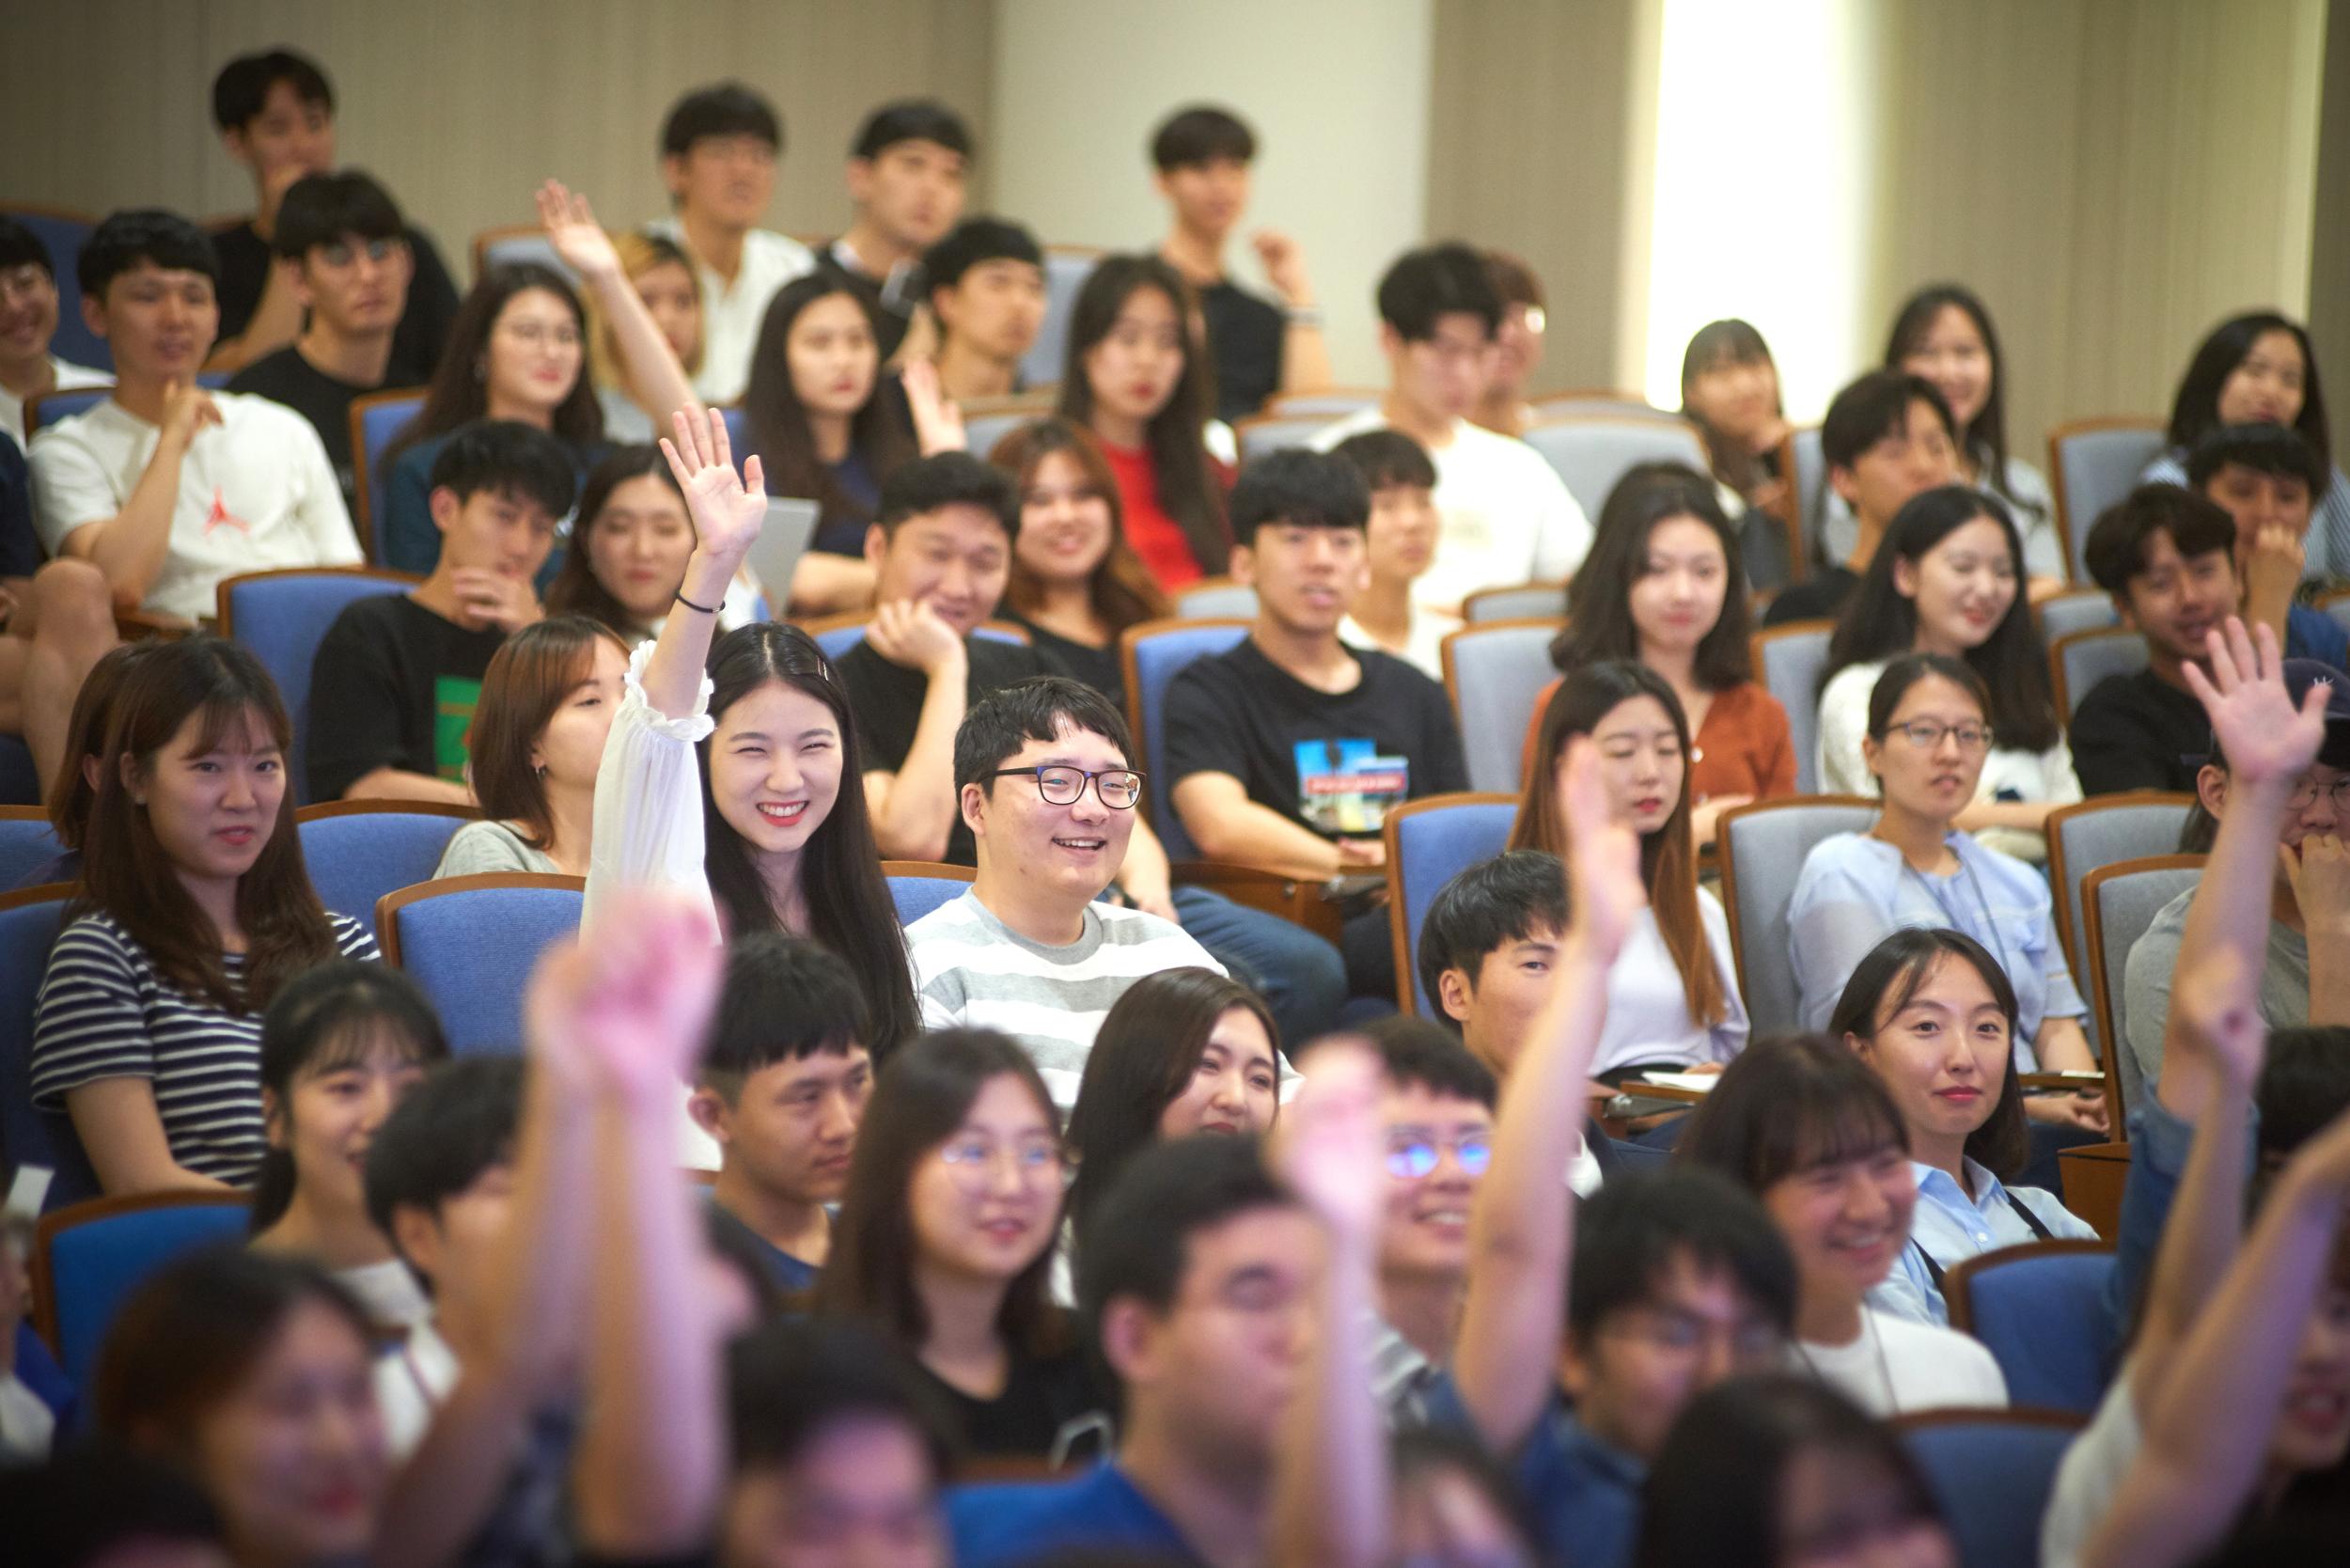 여름 방학 마지막 찬스! 삼성SDS 대학생 IT 멘토링과 함께 하세요!